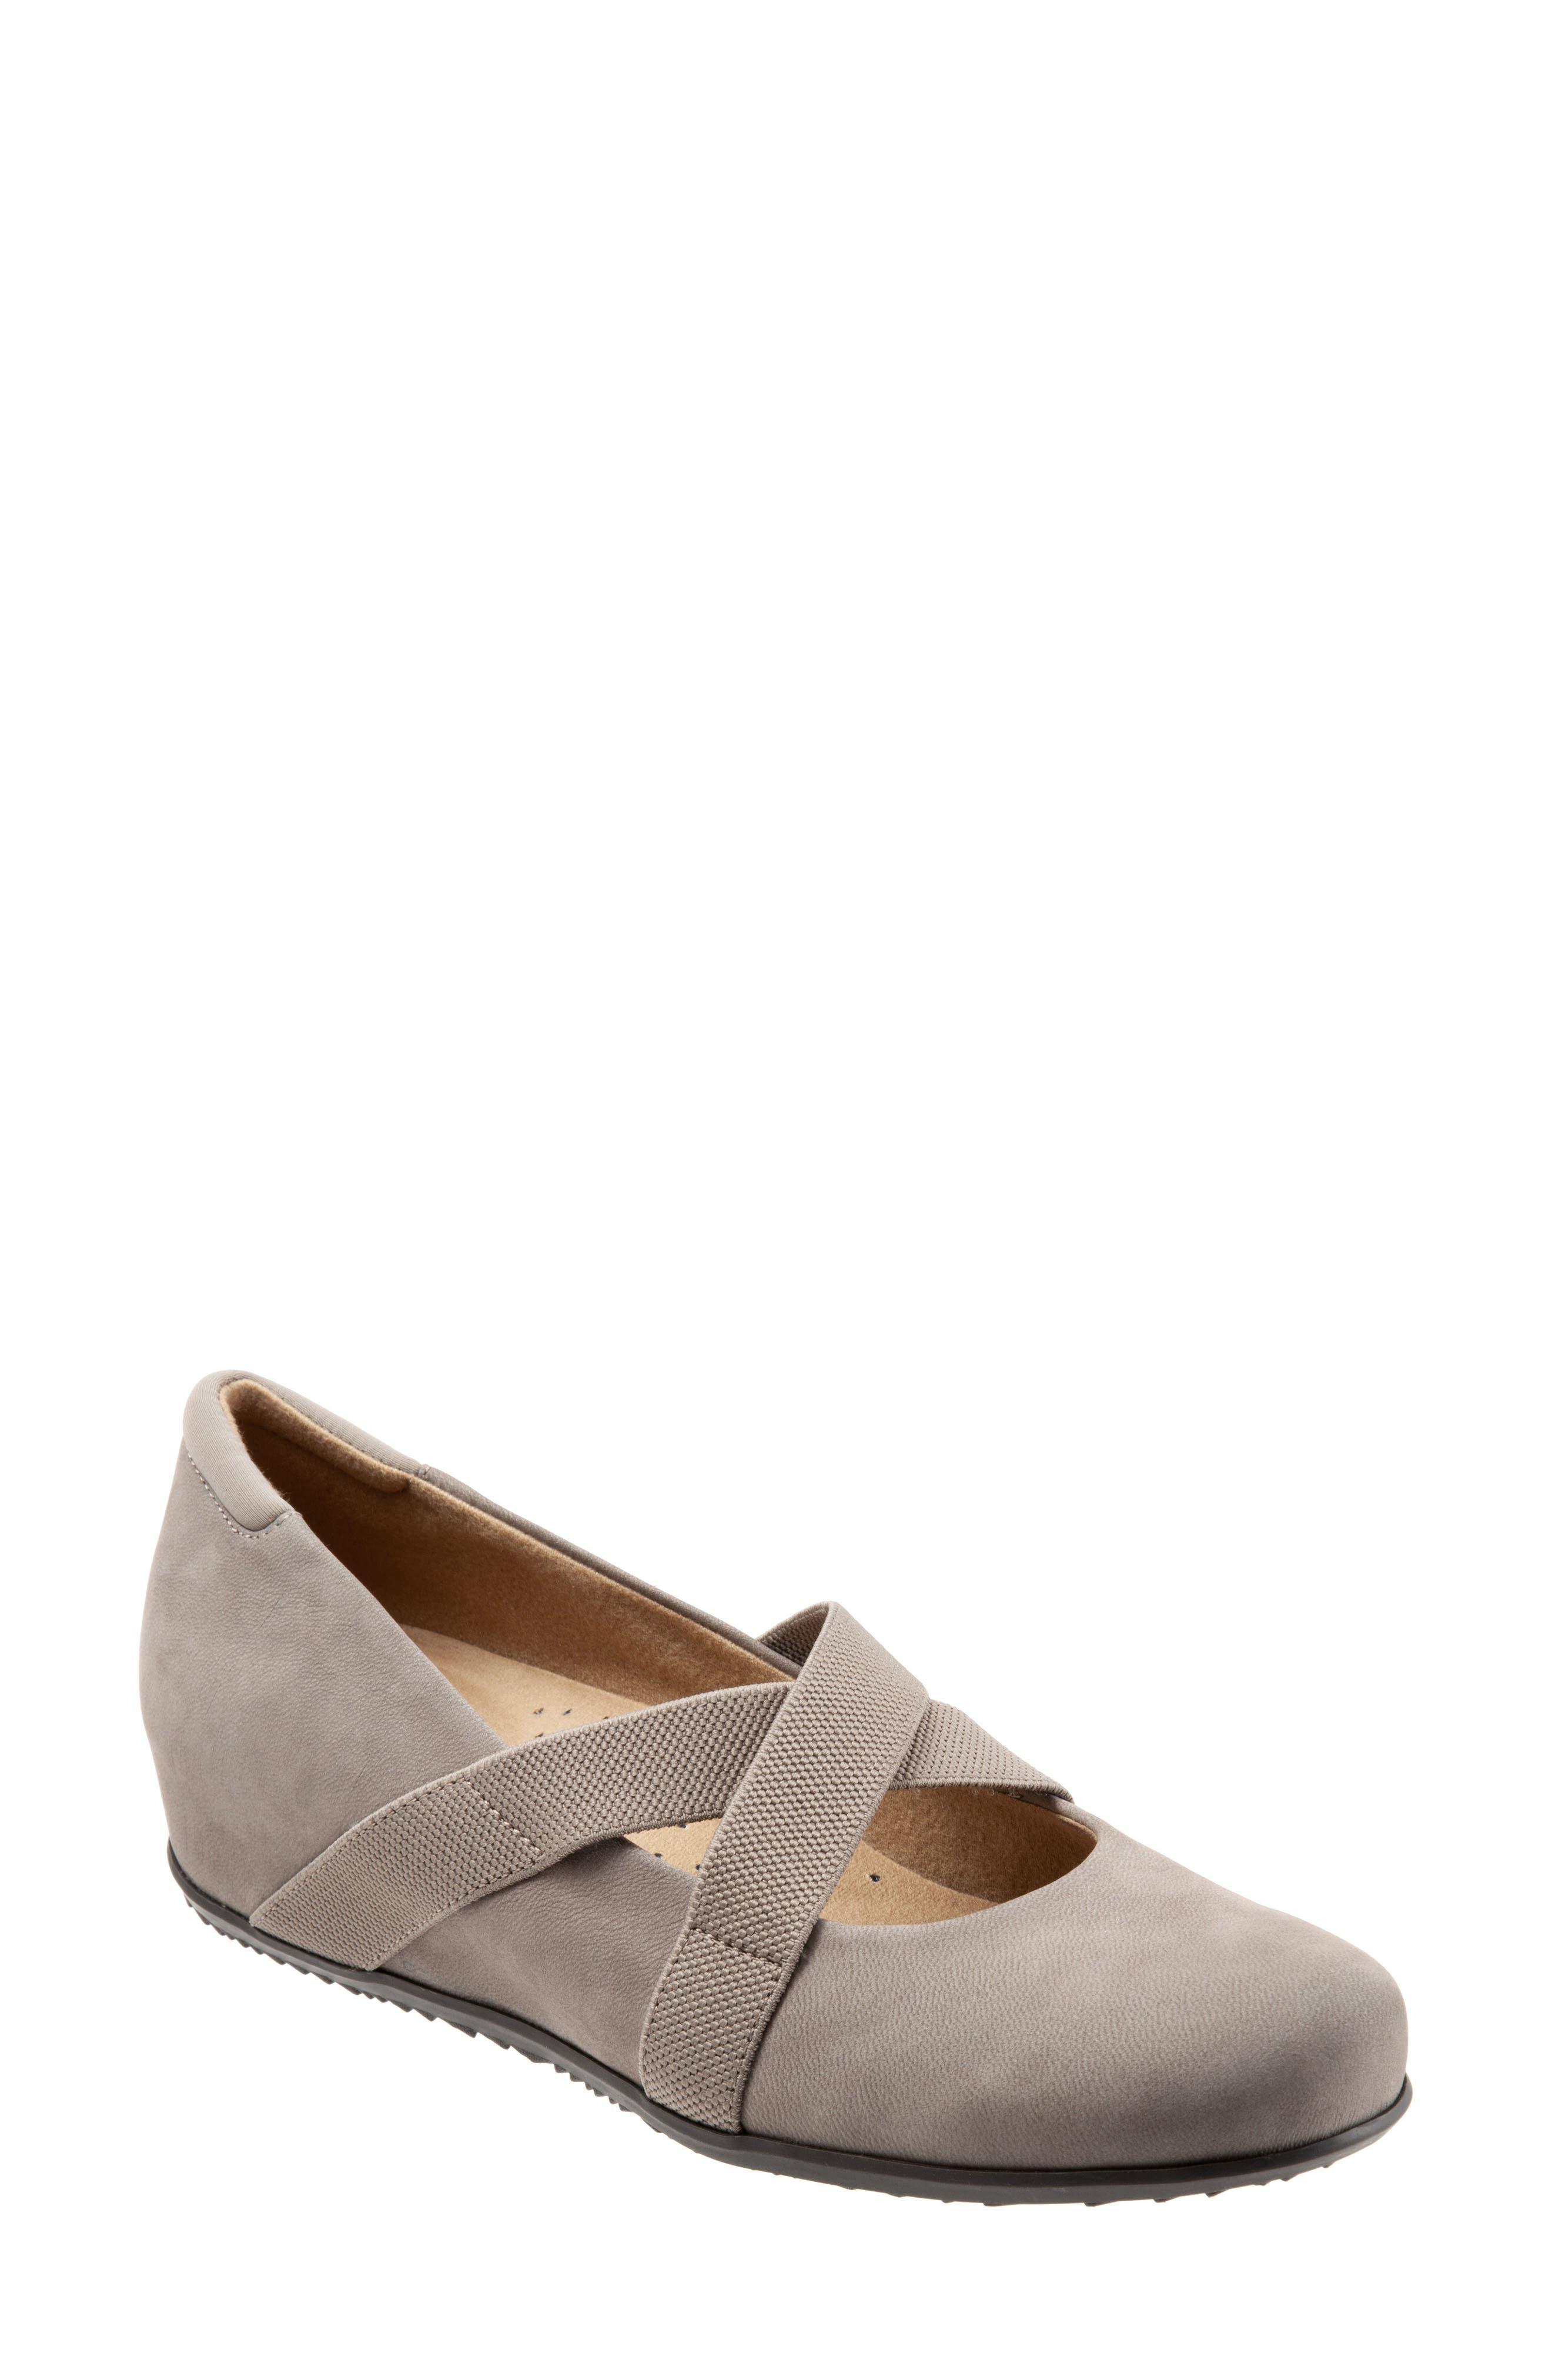 Softwalk Waverly Mary Jane Wedge- Grey